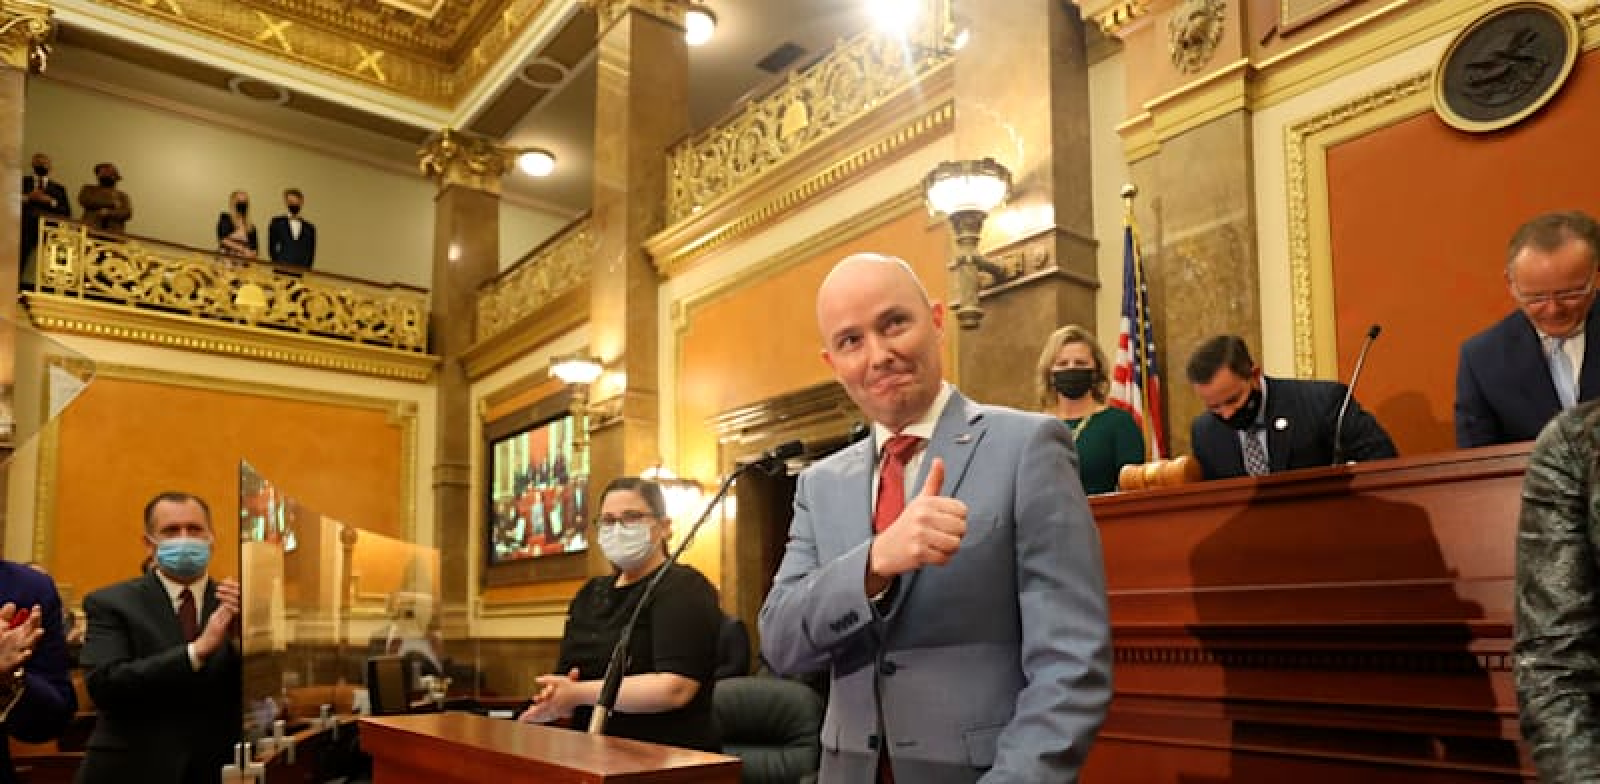 מושל מדינת יוטה, ספנסר קוקס / צילום: Associated Press, Jeffrey D. Allred